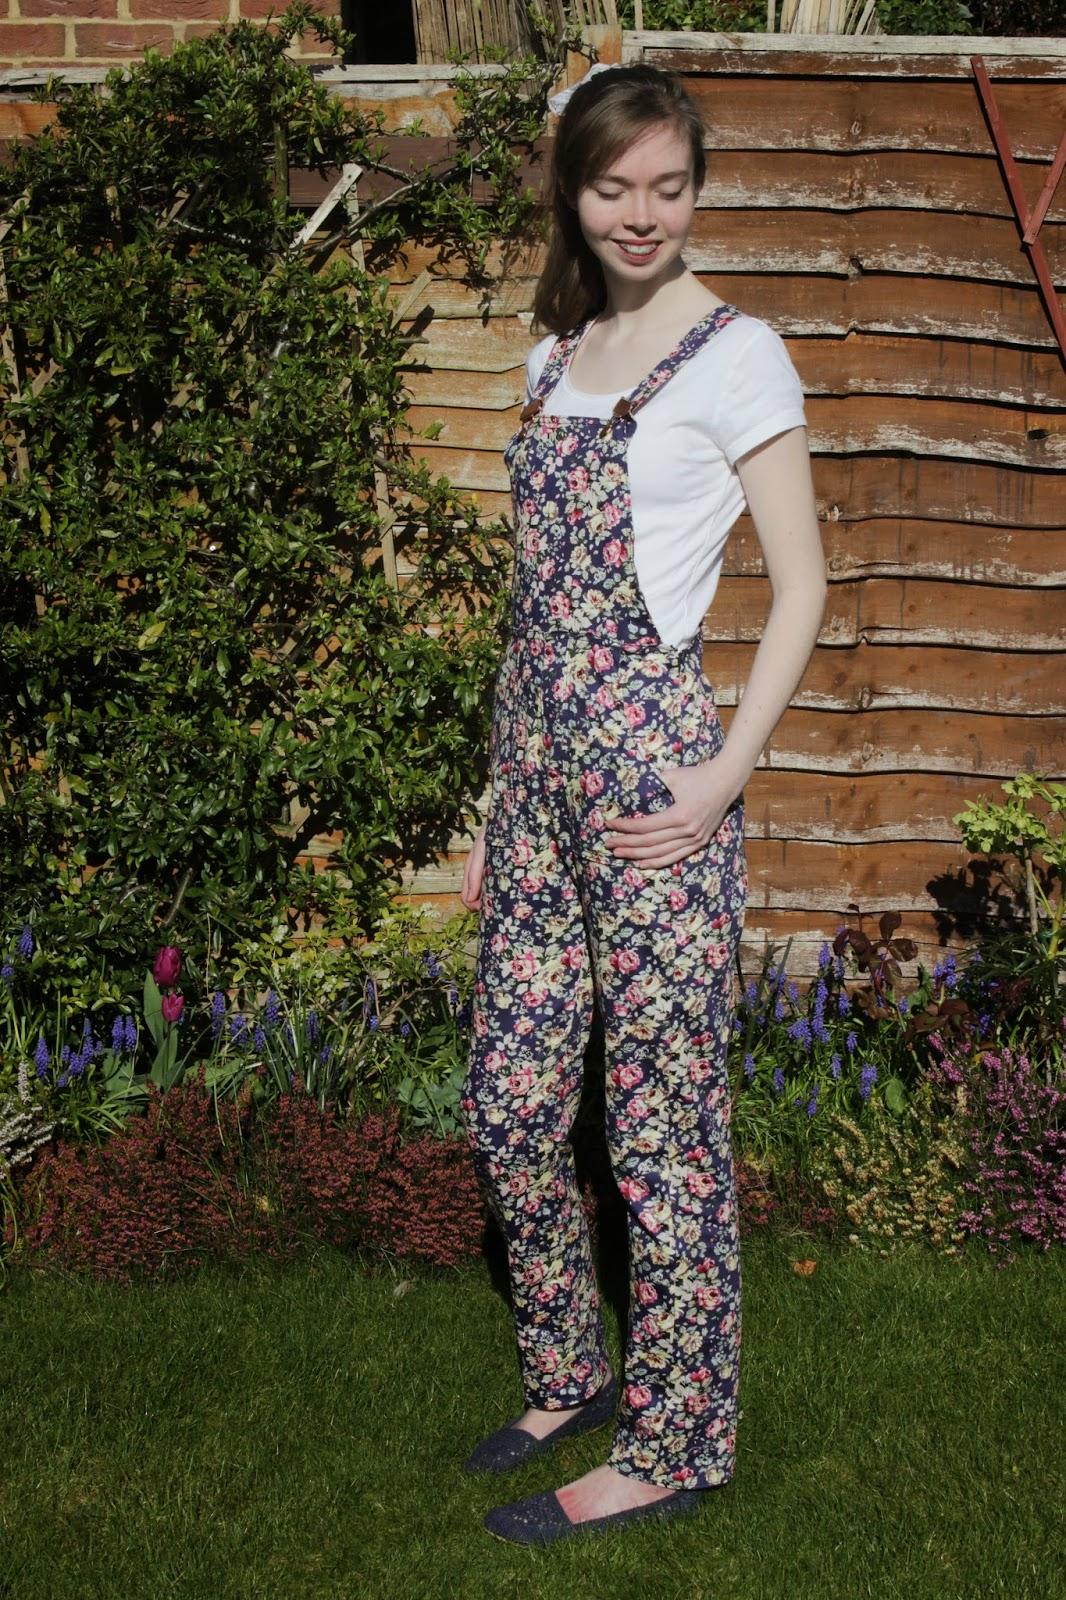 Lady Sewalot Sewing Projects Portfolio